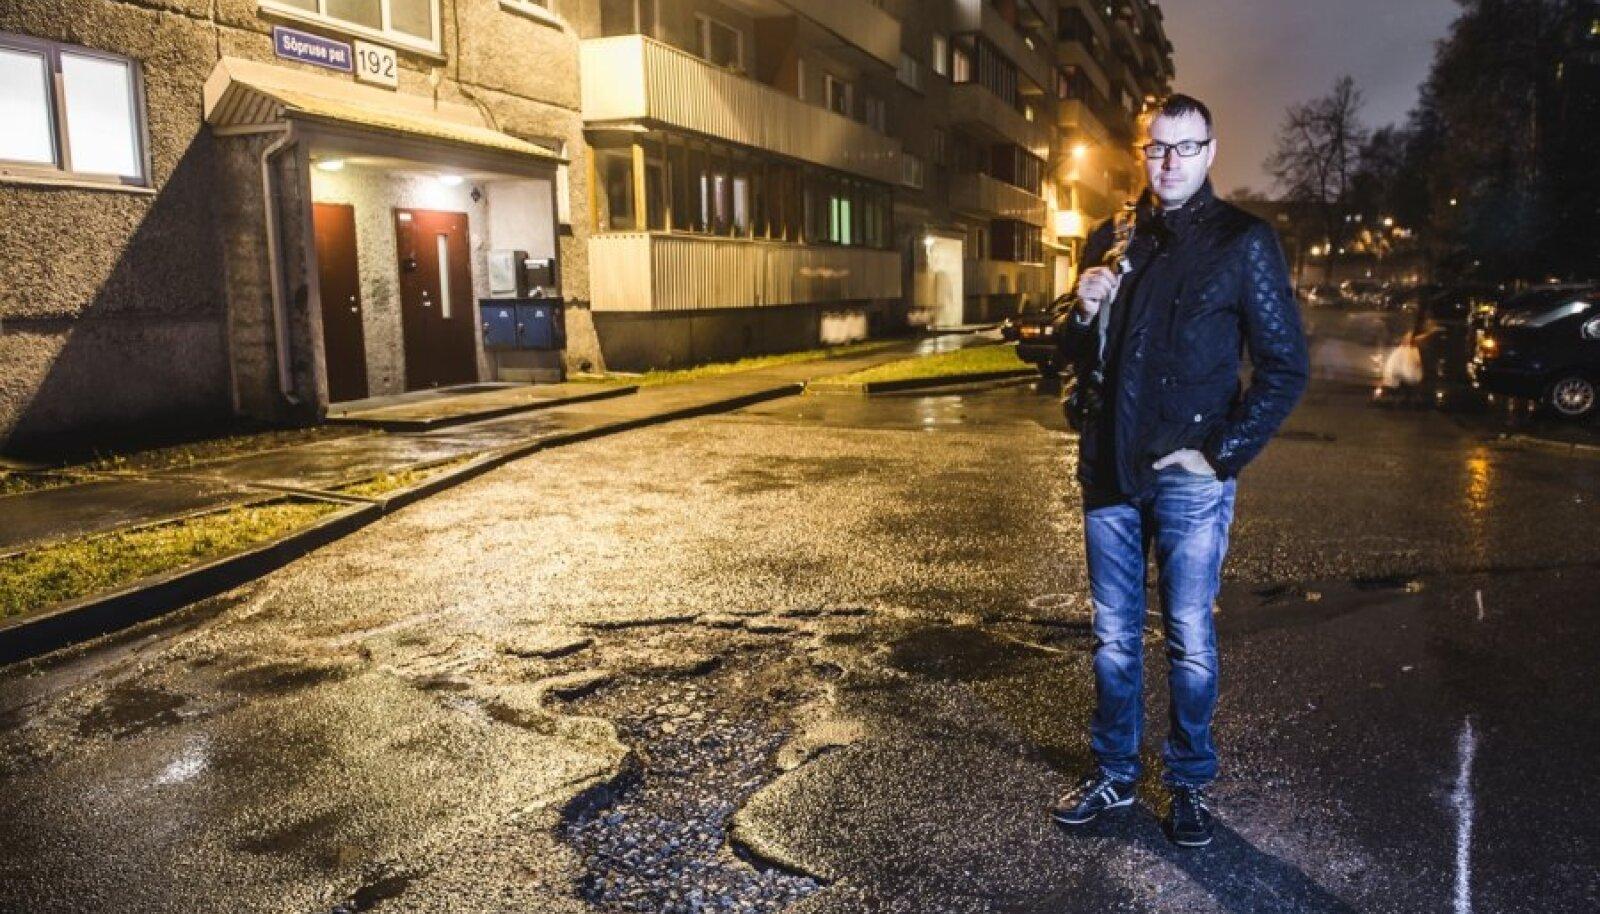 Pärast kahte aastat päringuid ja Eesti Päevalehe pöördumist kommunaalameti poole on Marek Vitsuri majaesist paikama hakatud.